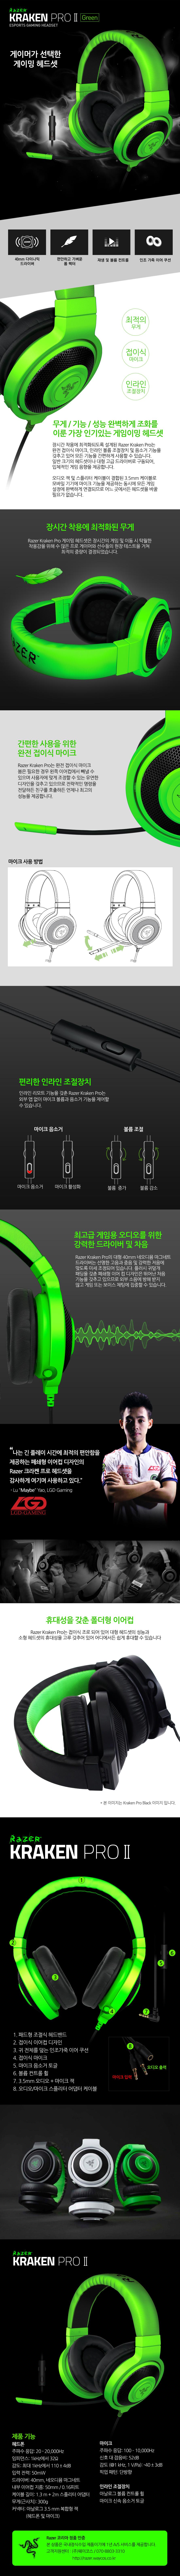 Kraken_Pro2_Green_p1.jpg